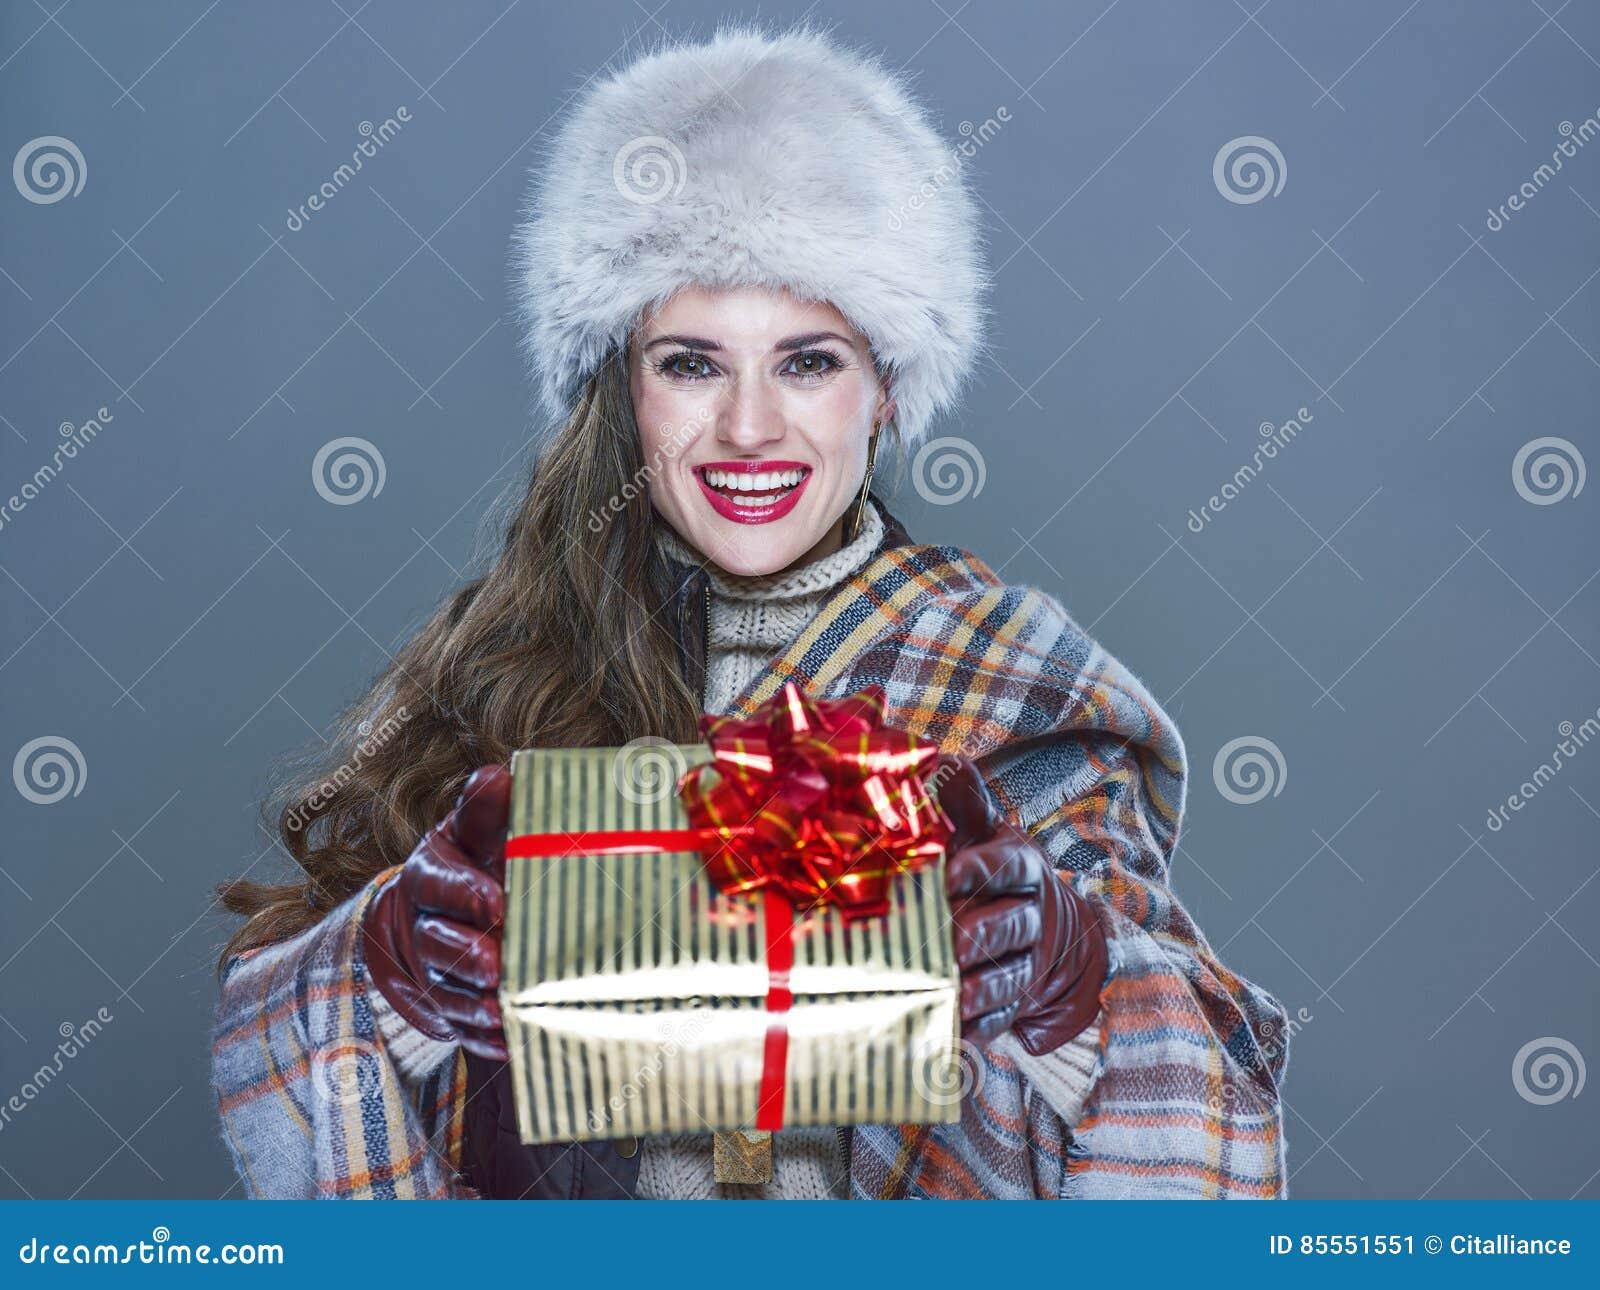 Lächelnde Frau auf dem kalten blauen Hintergrund, der anwesendes BO gibt